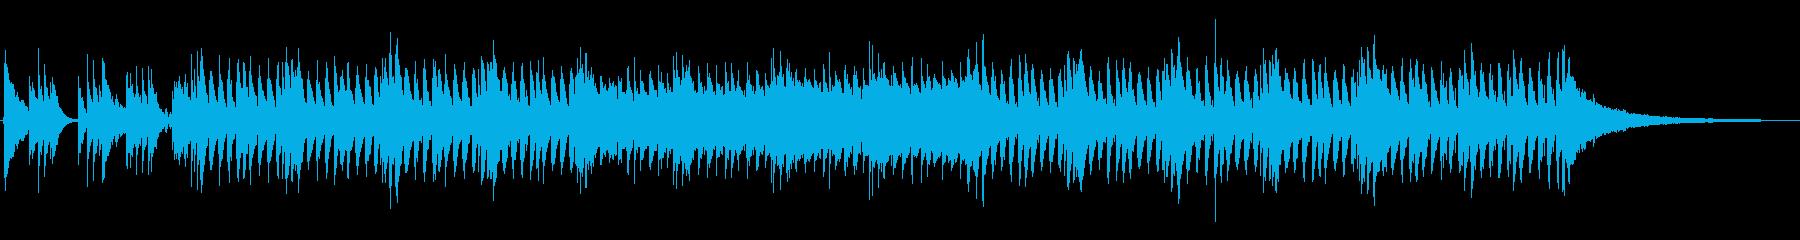 臨戦態勢 戦場と緊迫のオーケストラの再生済みの波形